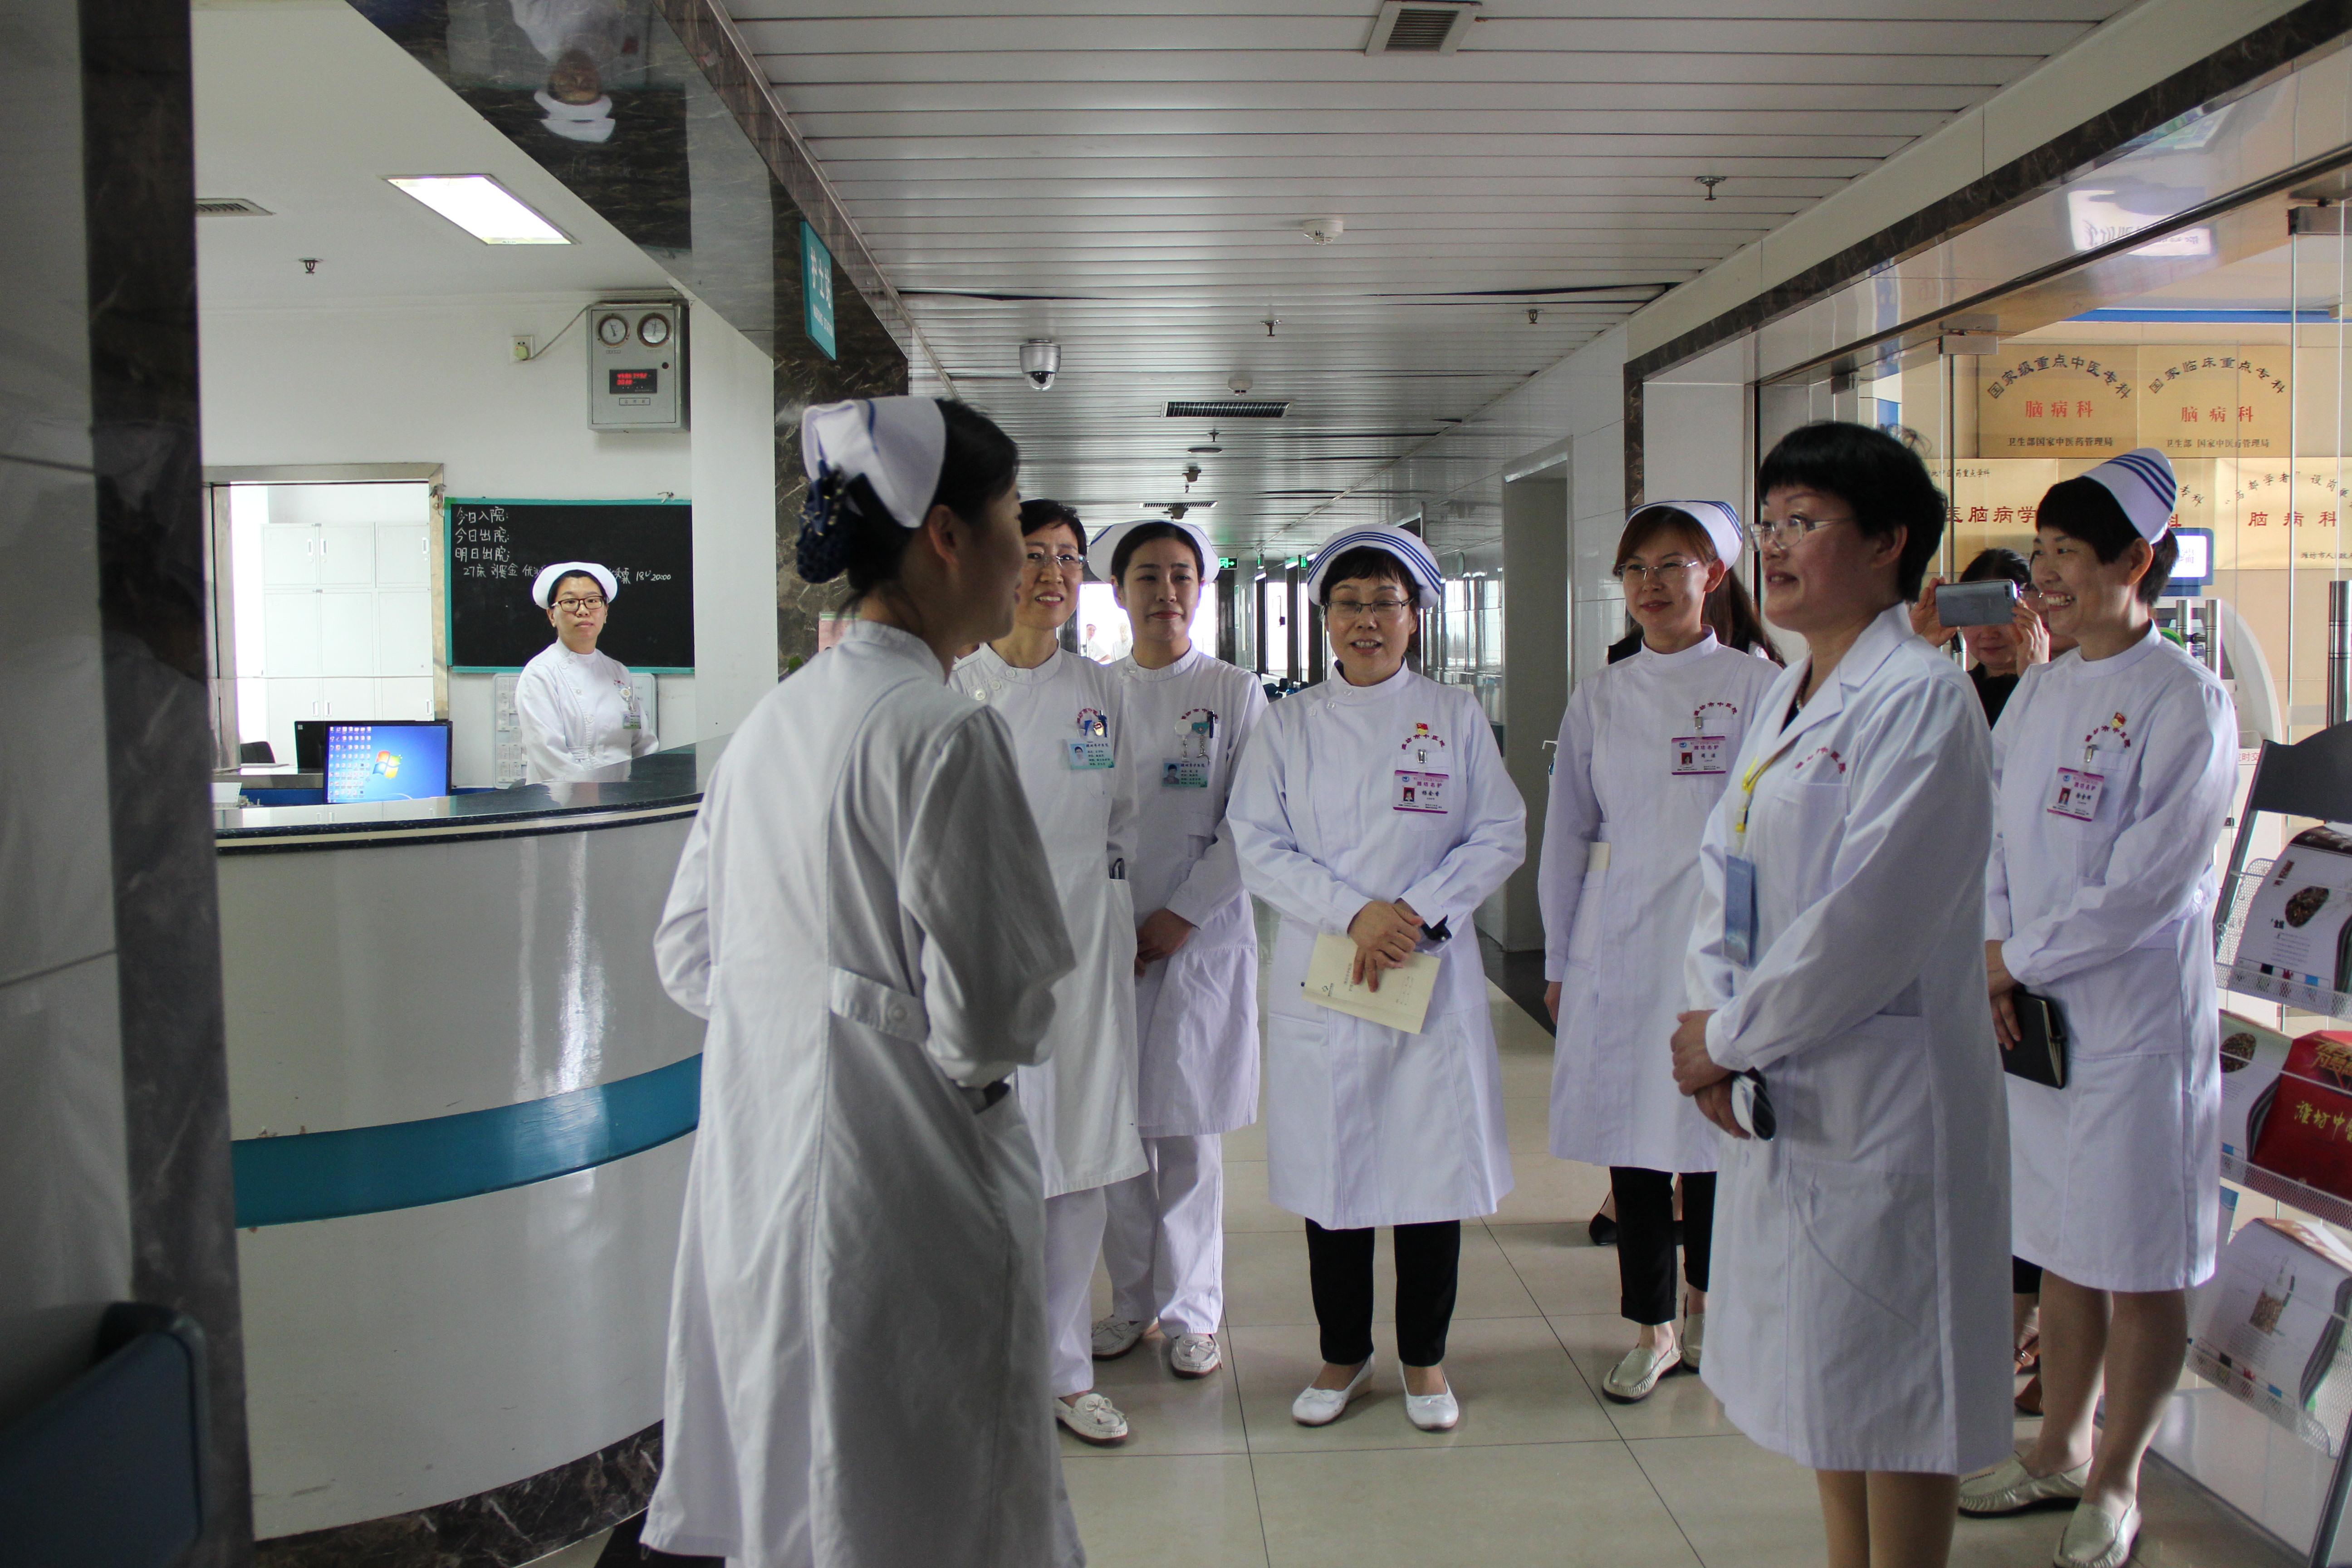 积跬步 至千里 ——潍坊市中医院三甲复审护理工作迎评掠影